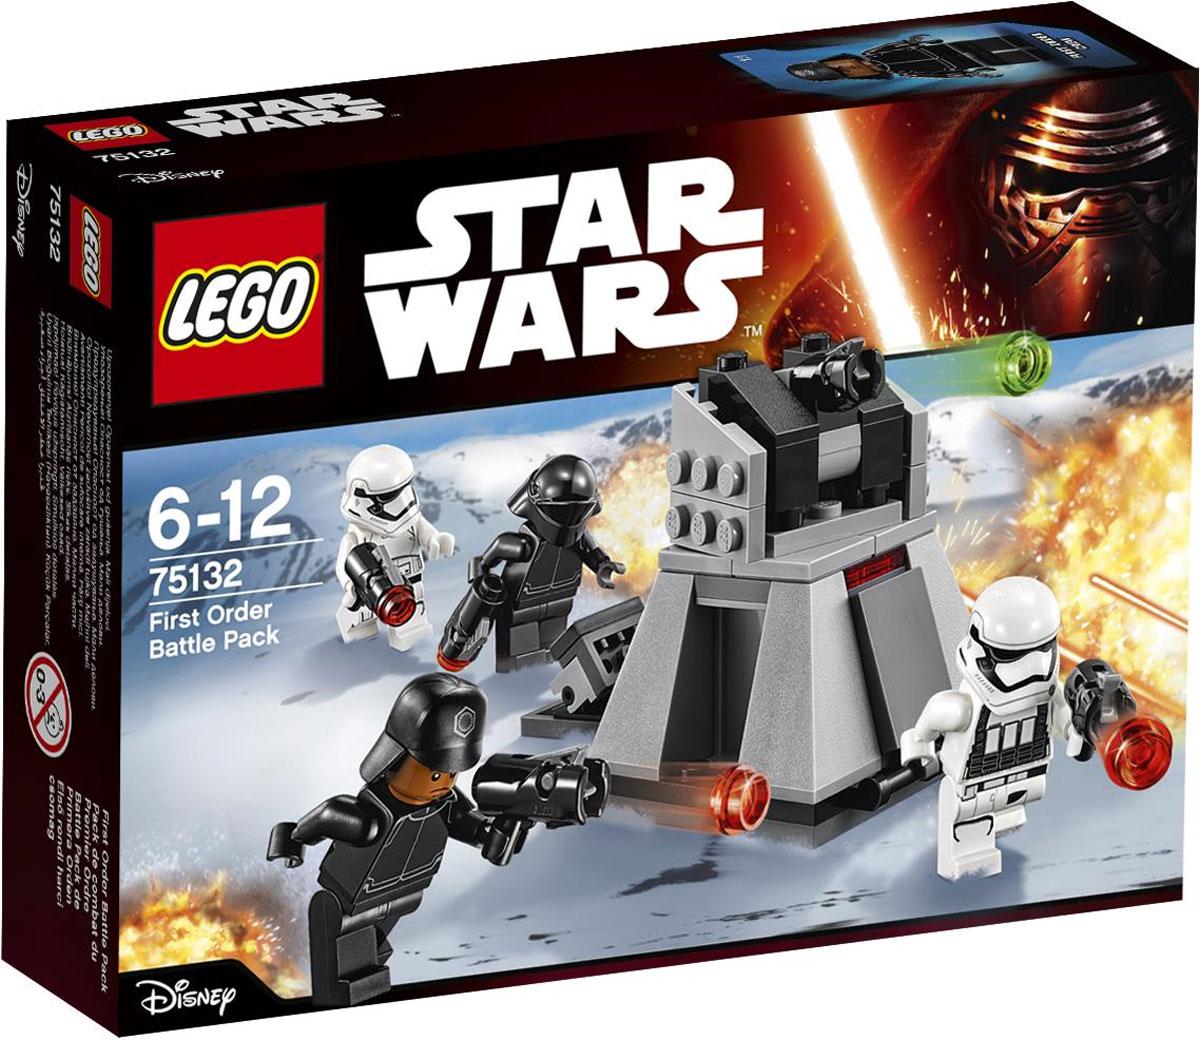 LEGO Star Wars Конструктор Боевой набор Первого Ордена 75132 патроны детские